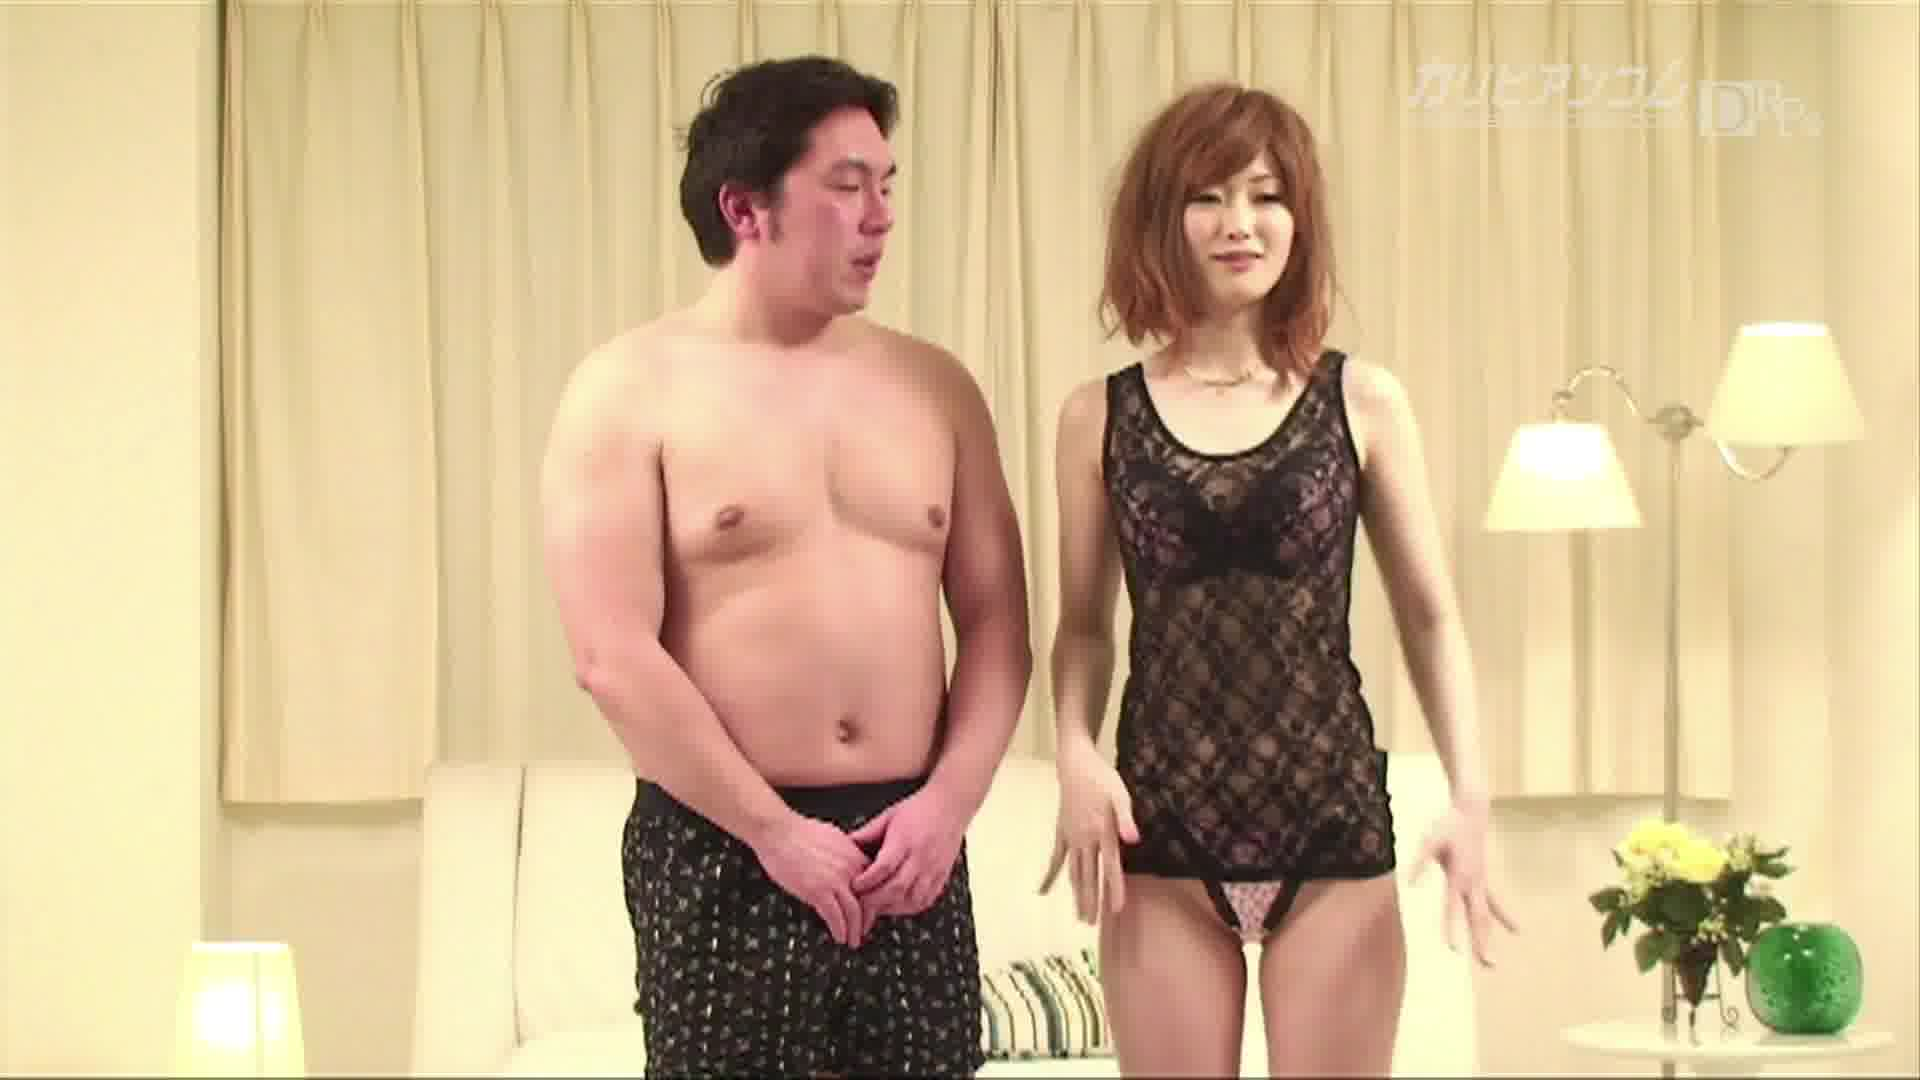 美月流ファンと生ハメ交流 - 美月【痴女・ぶっかけ・ハメ撮り】